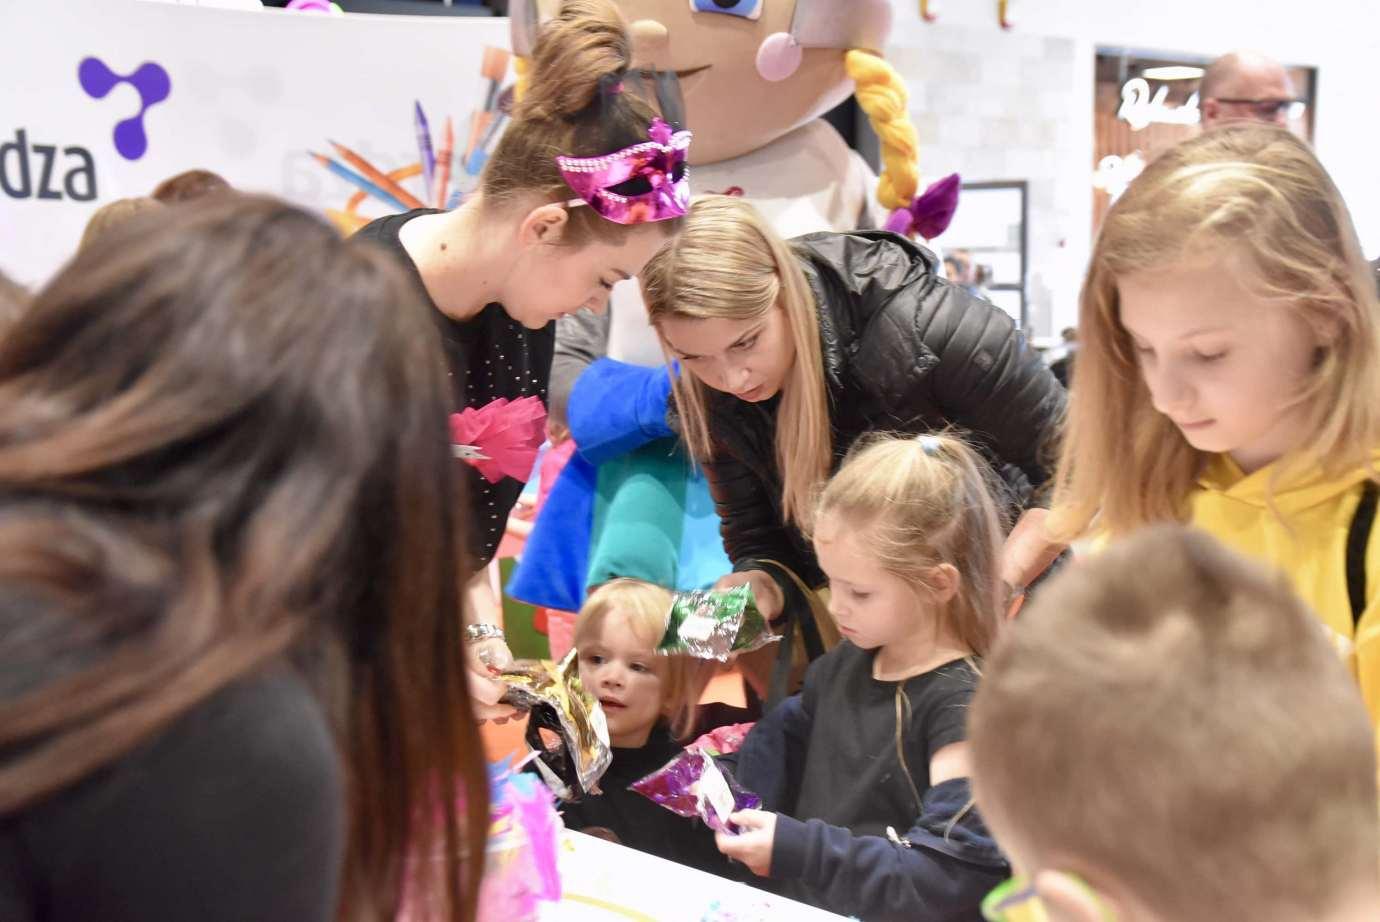 dsc 3923 Zabawa kreatywnych dzieciaków w Galerii Handlowej Twierdza (filmy i zdjęcia)